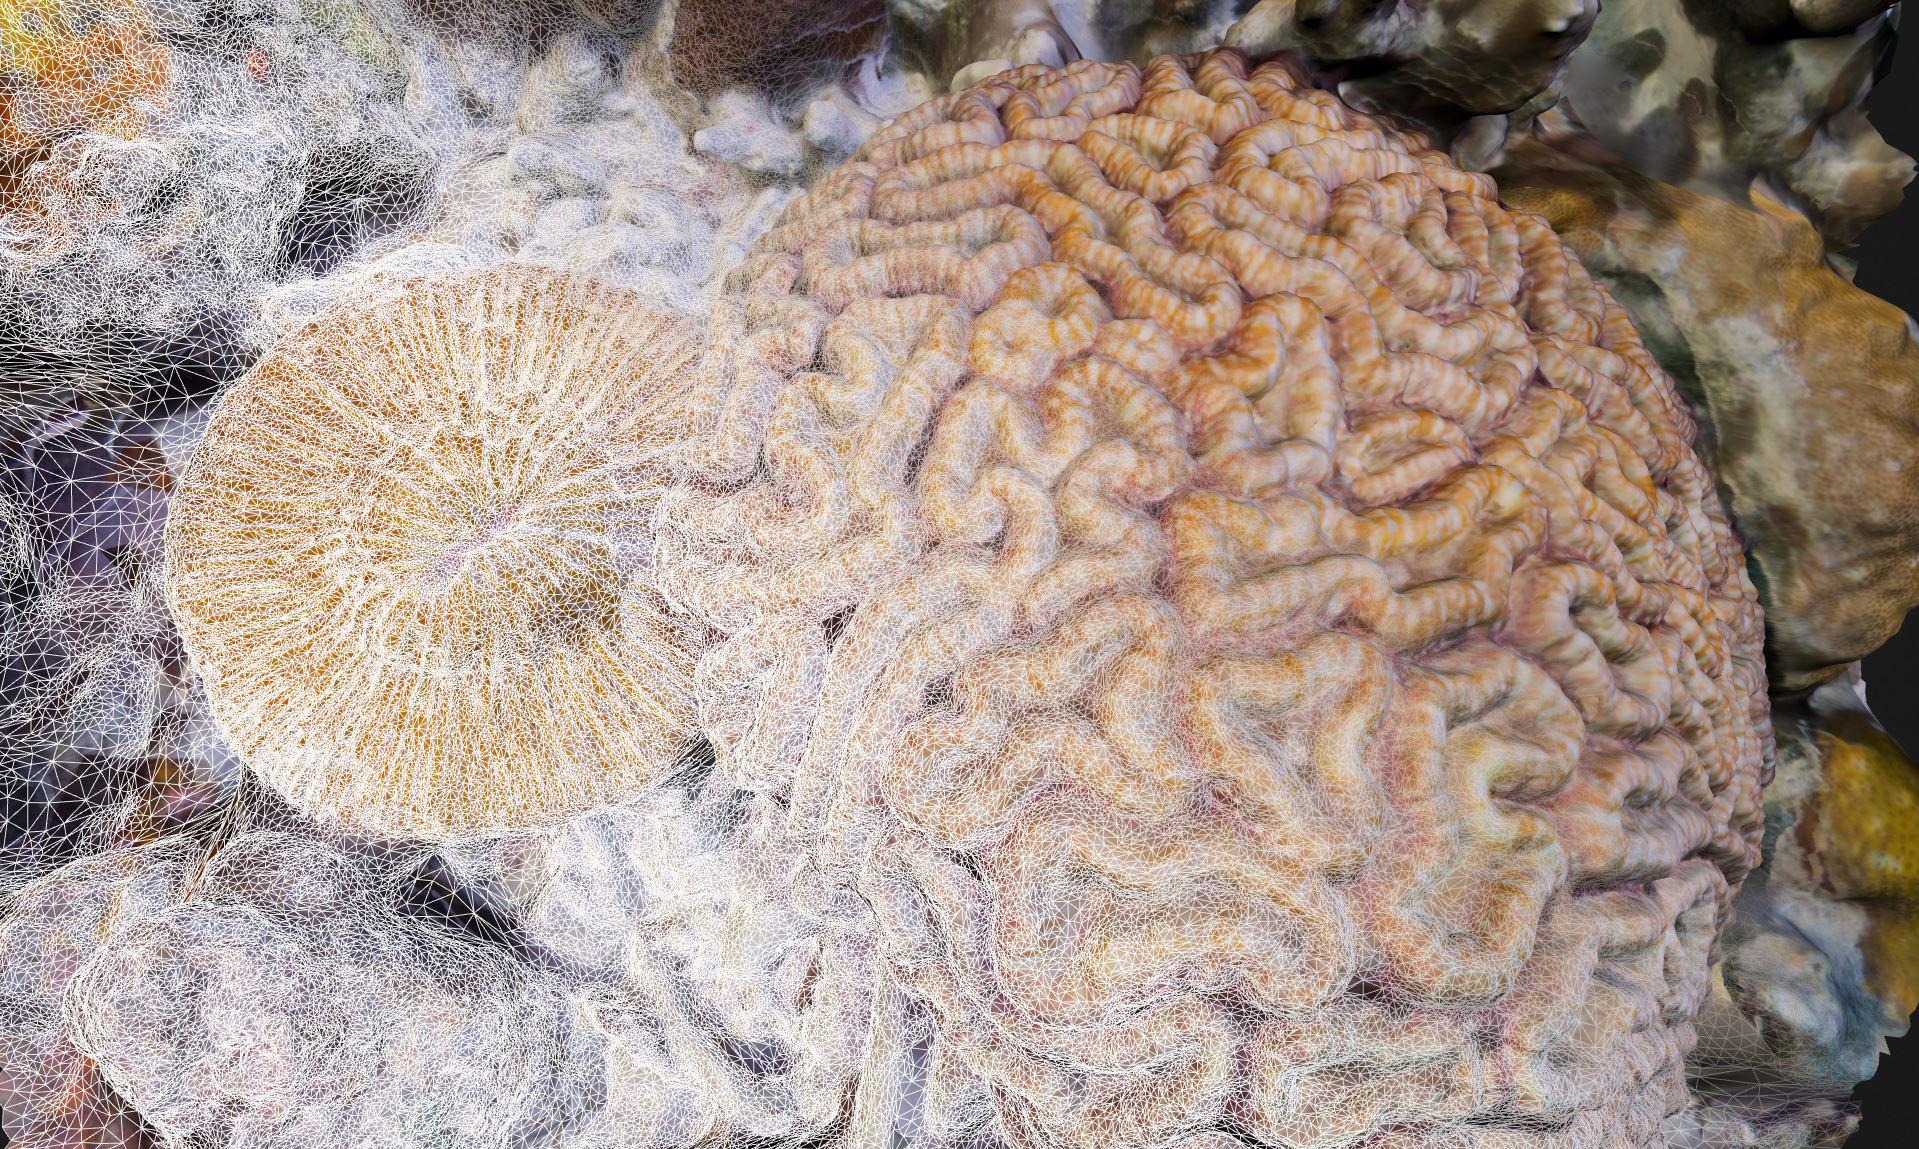 UnderwaterPhotogrammetry-ConvertingUnderwaterImagsInto3DModels.jpg